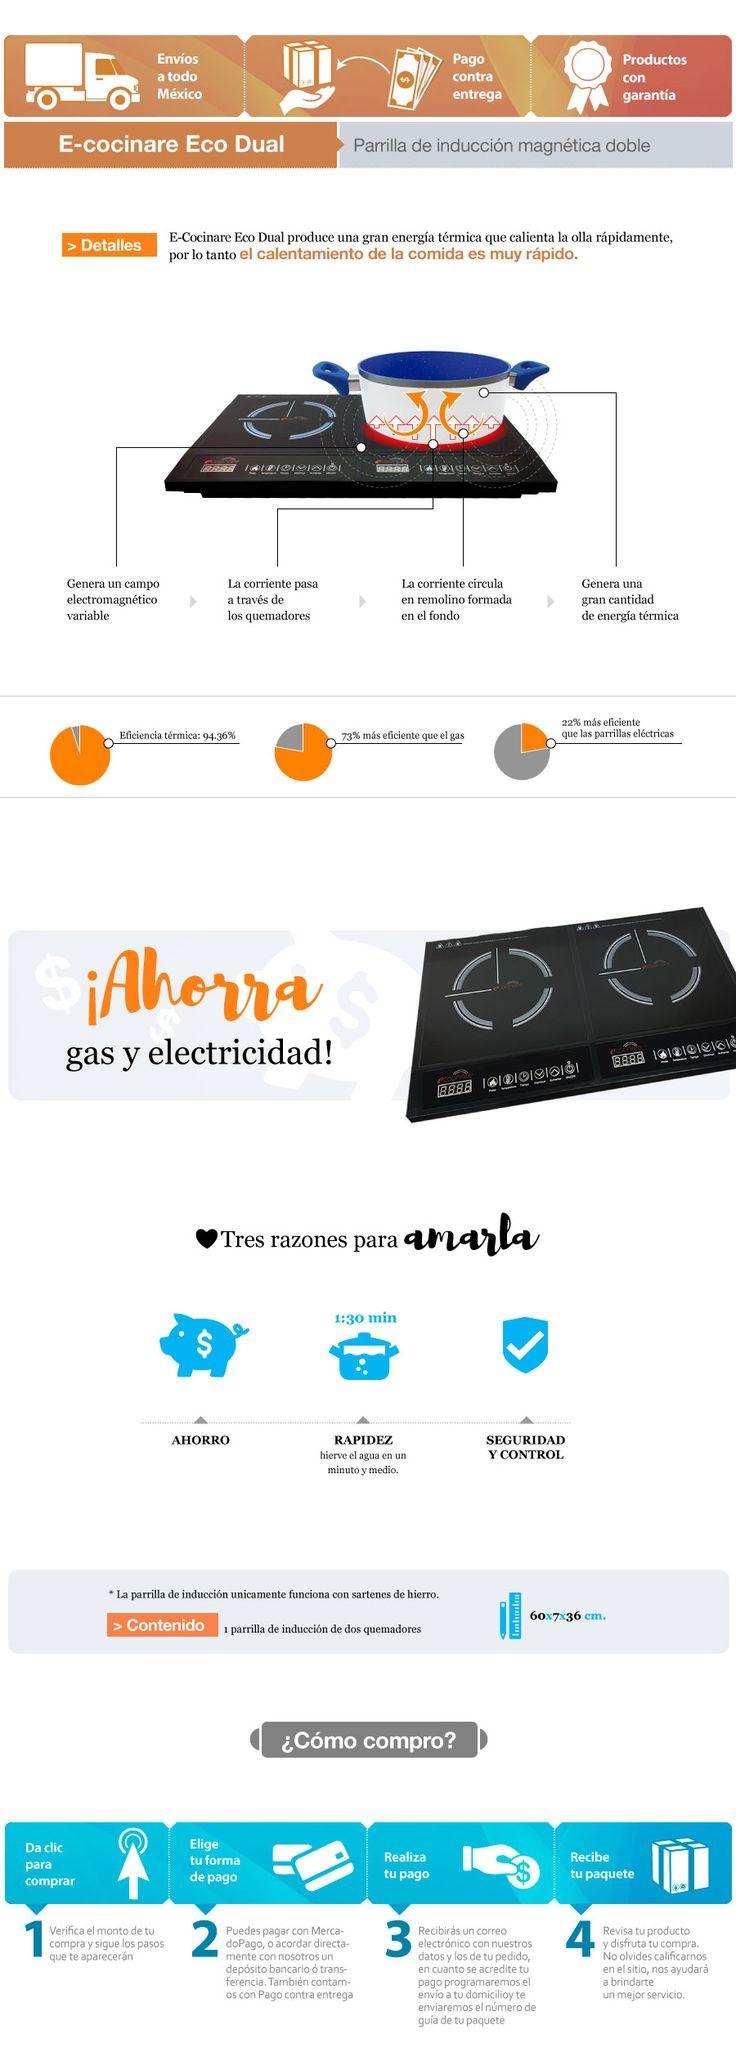 Estufa Parrilla D Inducción Magnética Cristal 2 Envio Gratis - $ 2,499.00